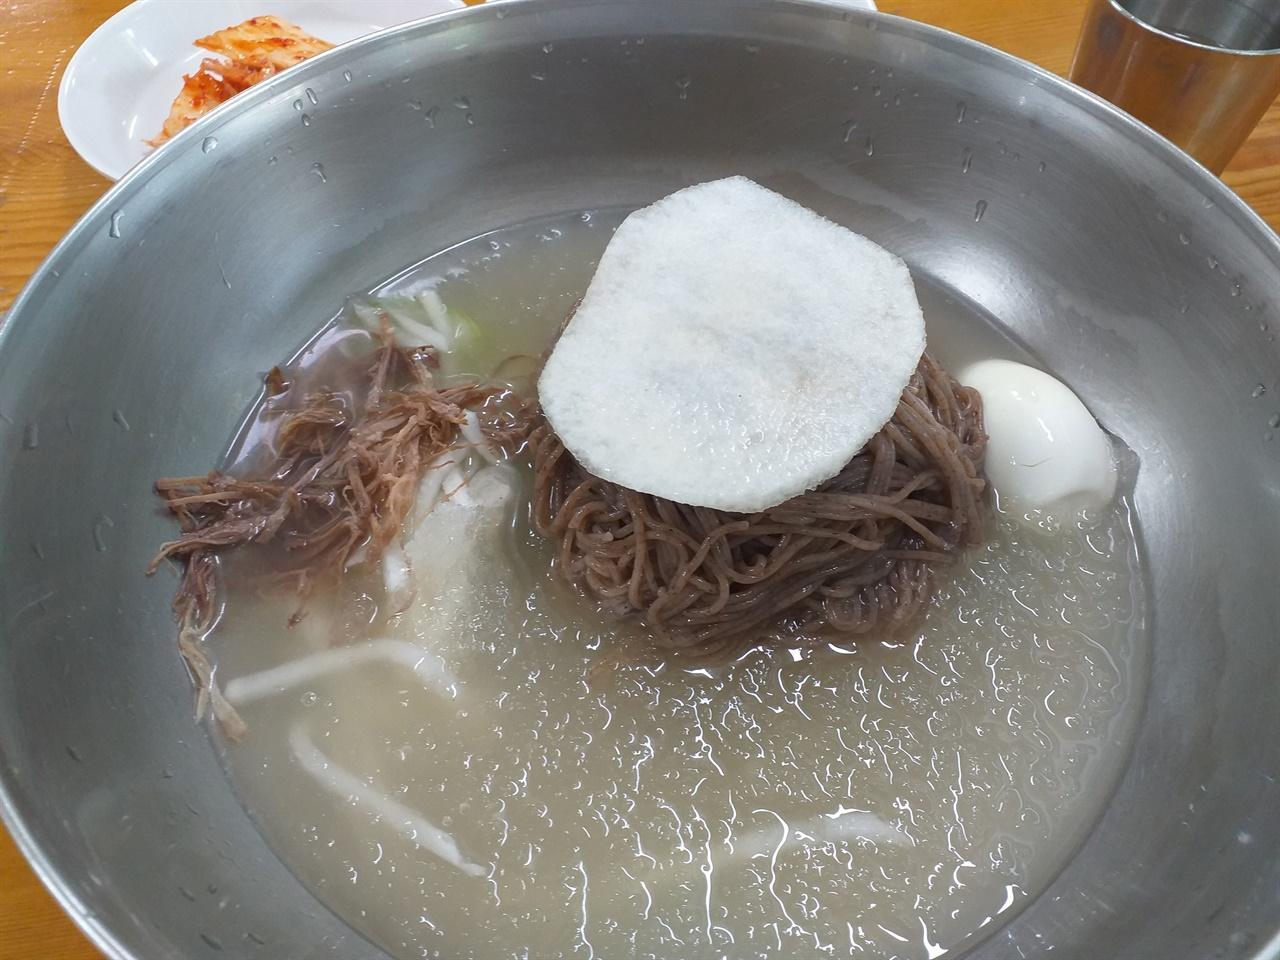 정통 황해도식 냉면 뽀얀 육수에 양이 압도적이다. 면 옆의 갈색물체는 육수를 내린 양지고기다. 실처럼 얇에 찢어 고명으로 올린다.